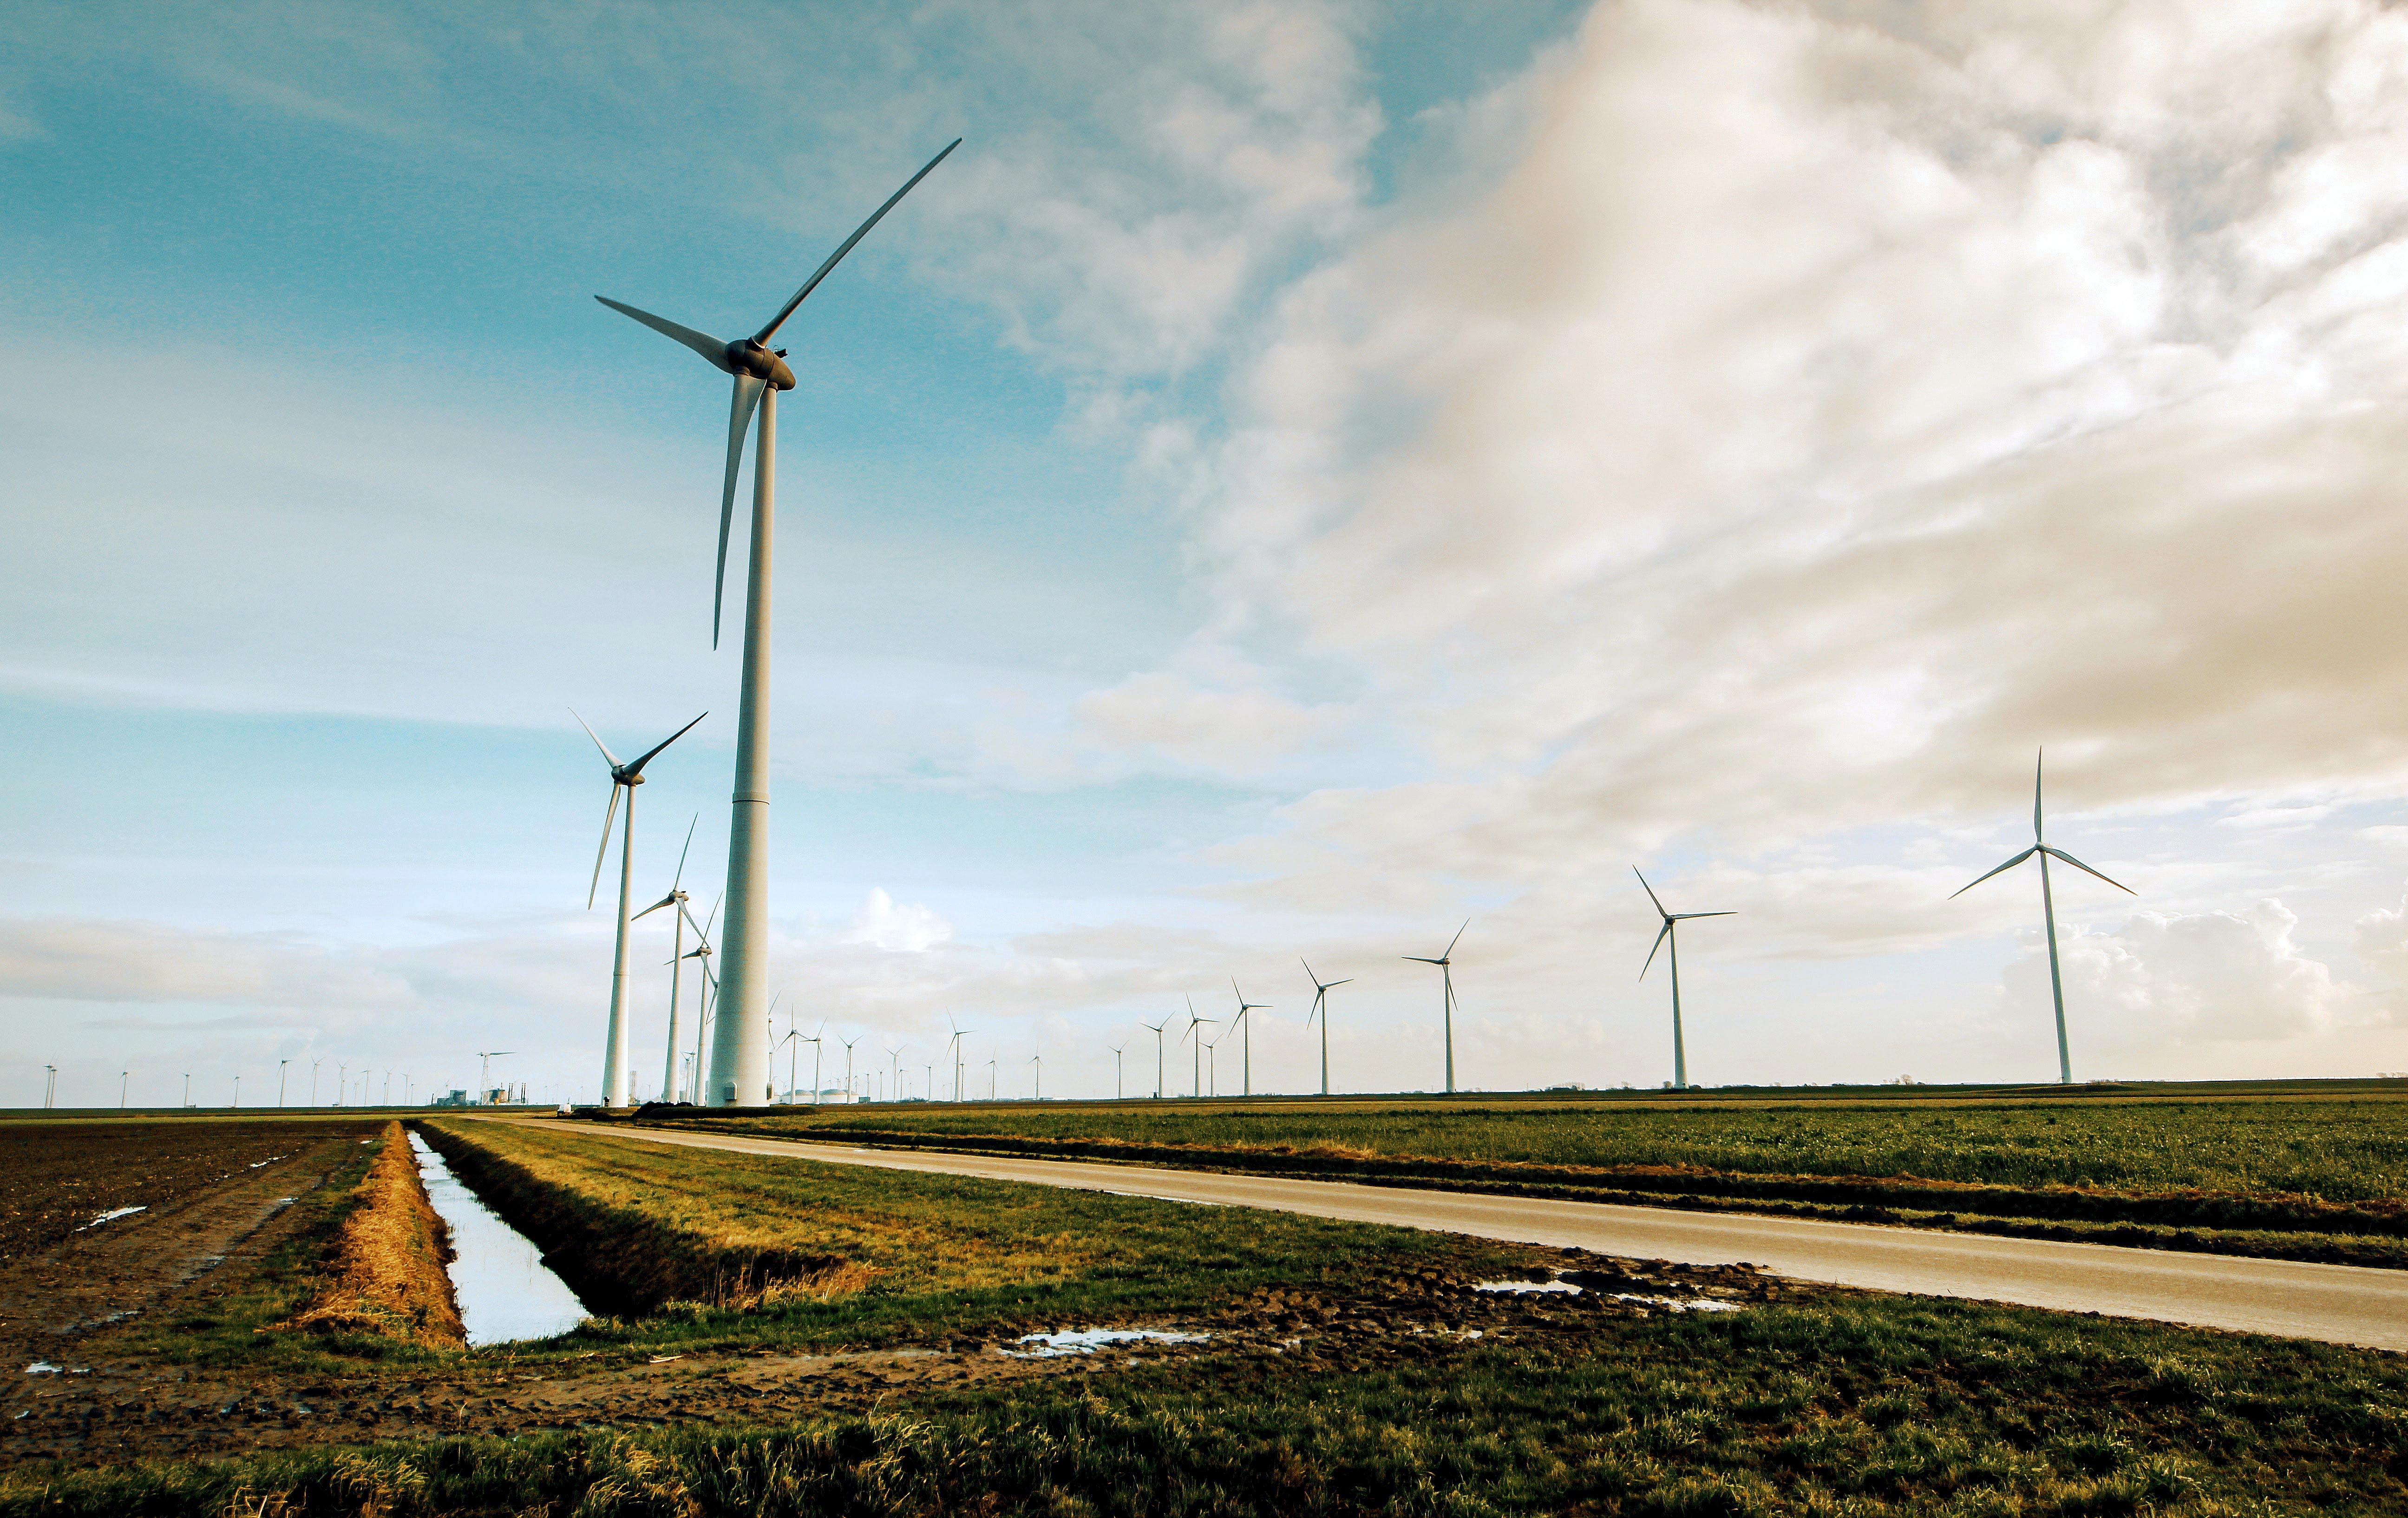 Comisia Europeană recomandă României finanțarea unor proiecte verzi din Fondul de redresare și reziliență